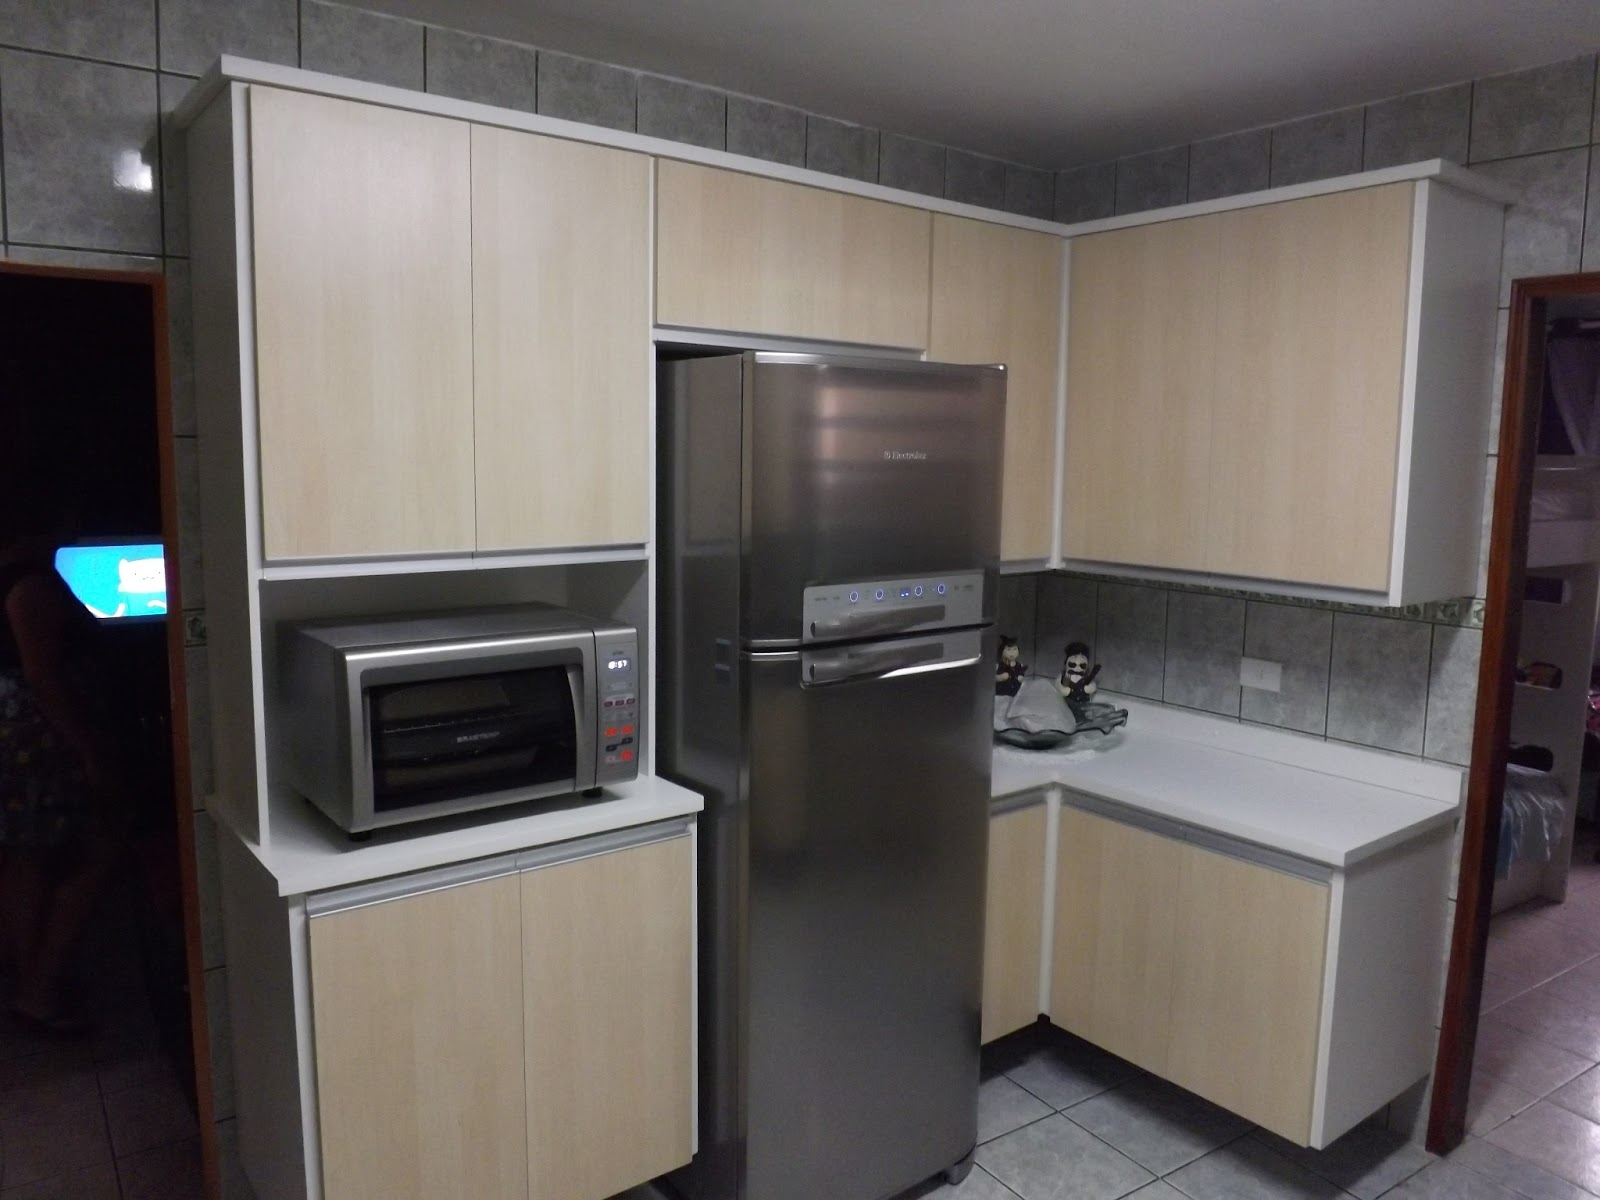 #746557  Armario de Cozinha Cozinha Acabamento em MDF Maple Bilbao 1600x1200 px Armario De Cozinha Compacta Mdf #1969 imagens